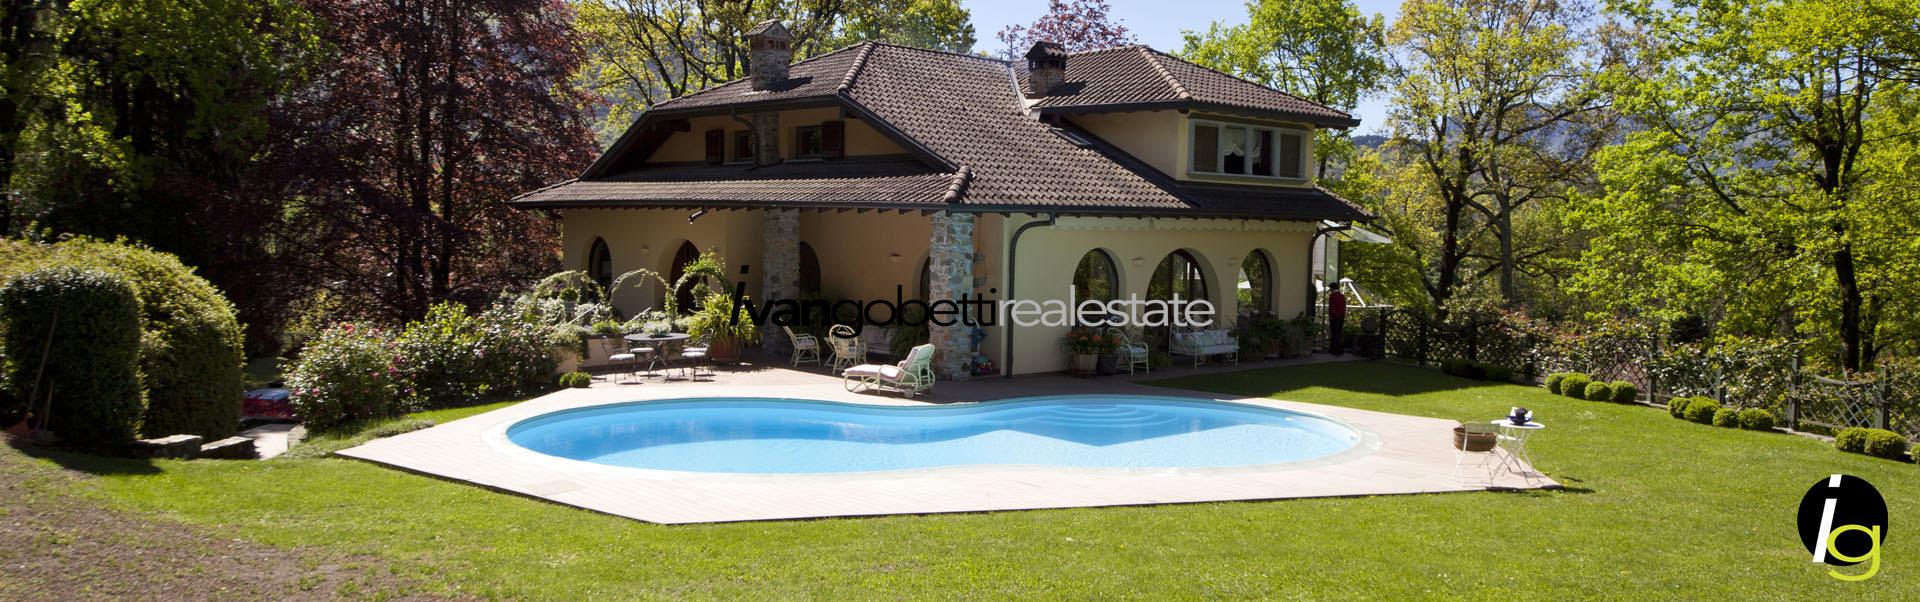 Sis real estate agenzia immobiliare solo ville di lusso for Disegni portico anteriore per case in stile ranch